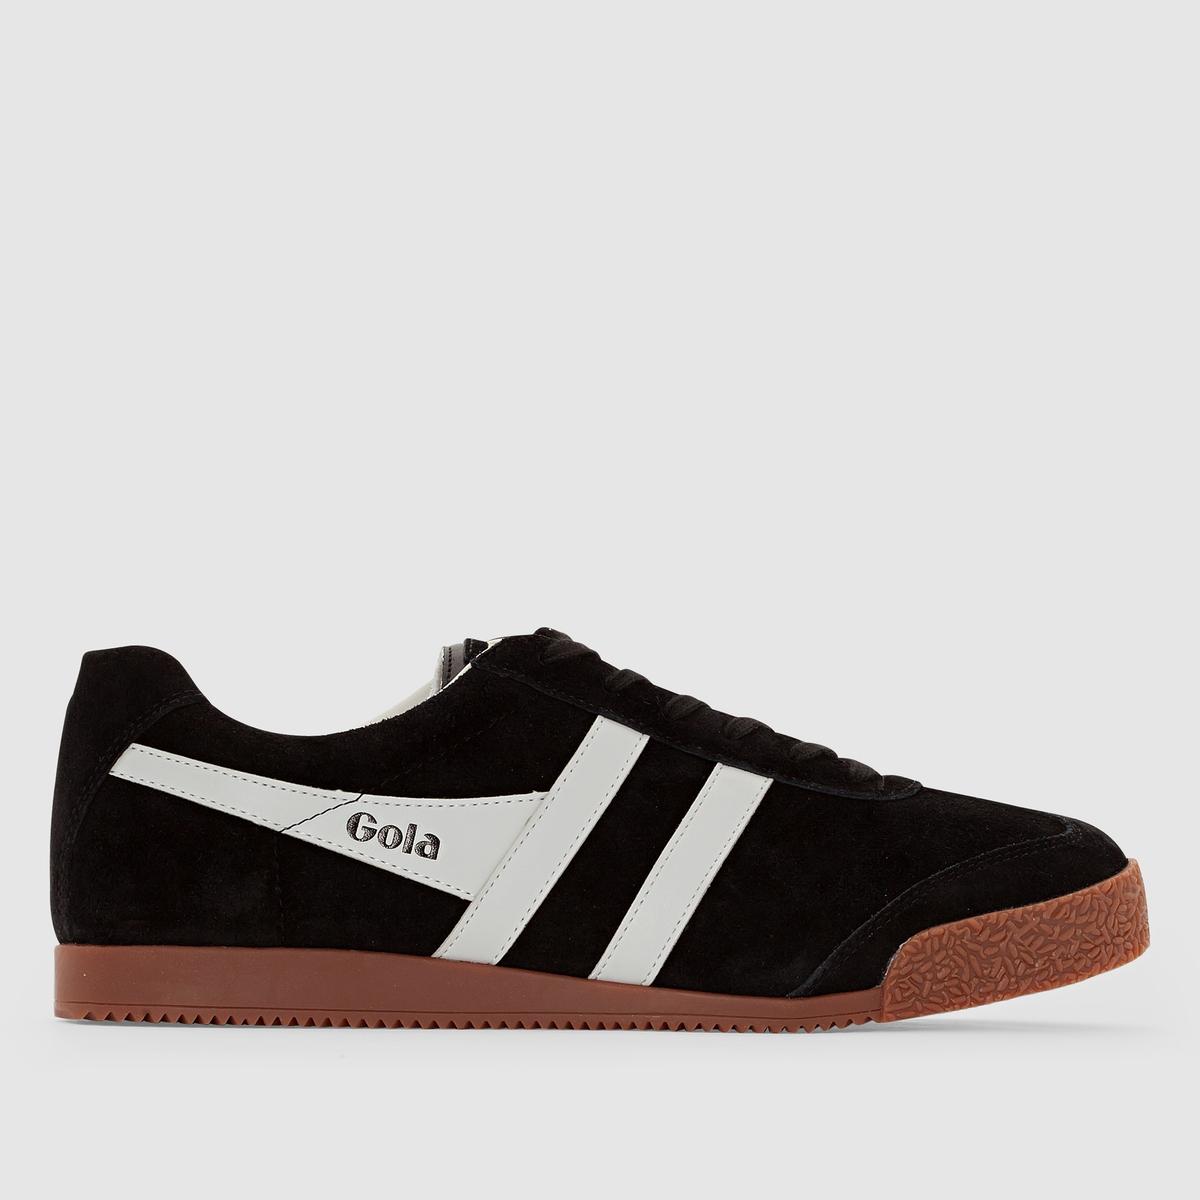 Кеды низкие - GOLA HARRIER SUEDEПопулярная во всем мире марка Gola отметила свой 100-ый юбилей и продолжает радовать нас модной, яркой, стильной и комфортной городской обувью! Дизайн прямиком из 1968 г., кожаный верх и комфорт повседневной носки, - модель Harrier добавит нотку винтажности Вашему модному образу.<br><br>Цвет: черный/серый<br>Размер: 44.45